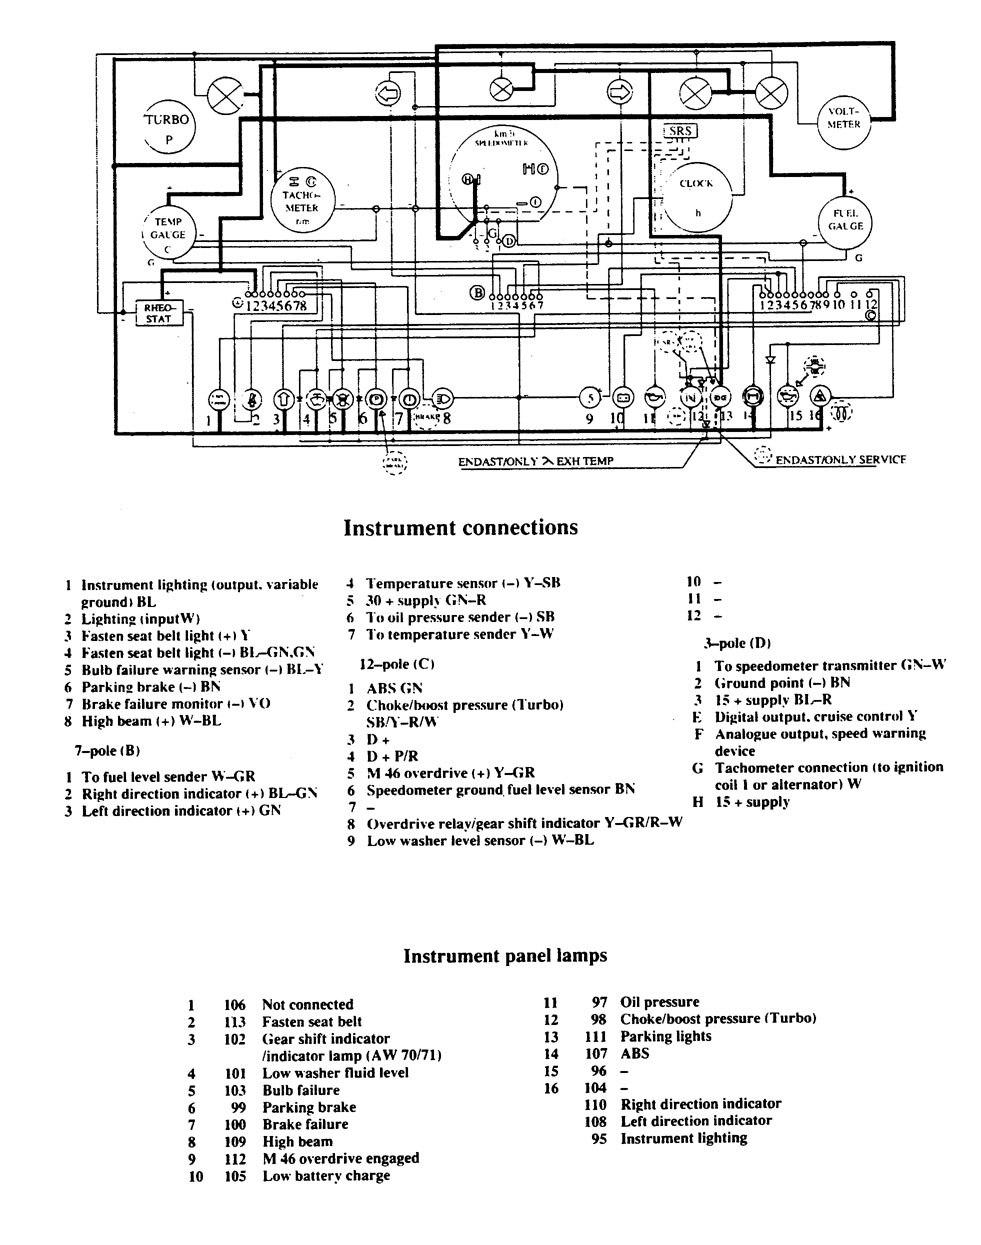 volvo 740 – wiring diagram – instrumentation